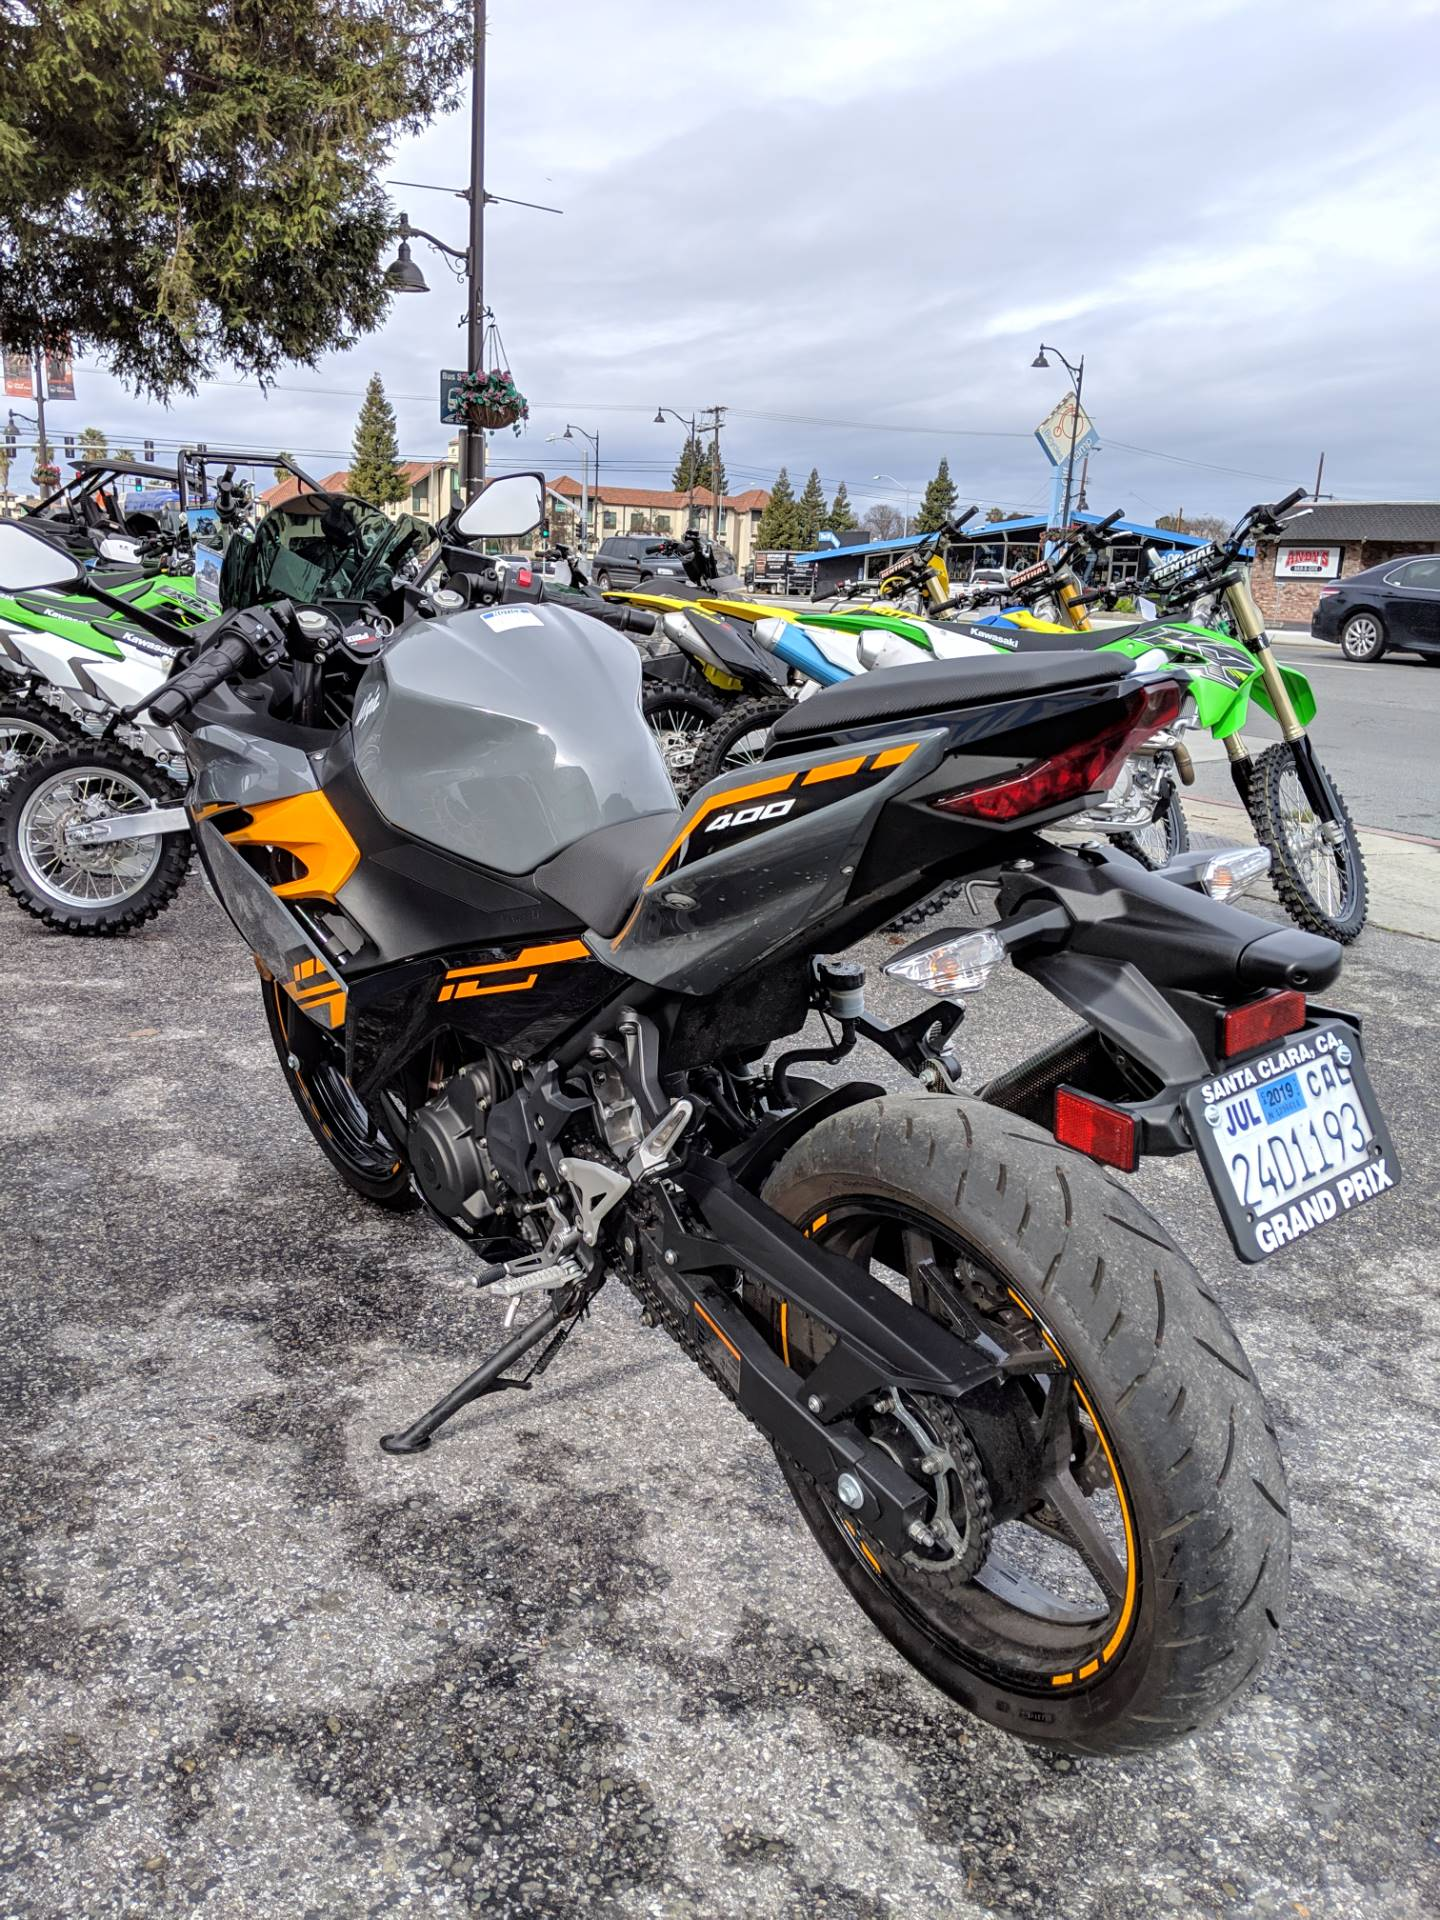 2018 Kawasaki Ninja 400 ABS 3